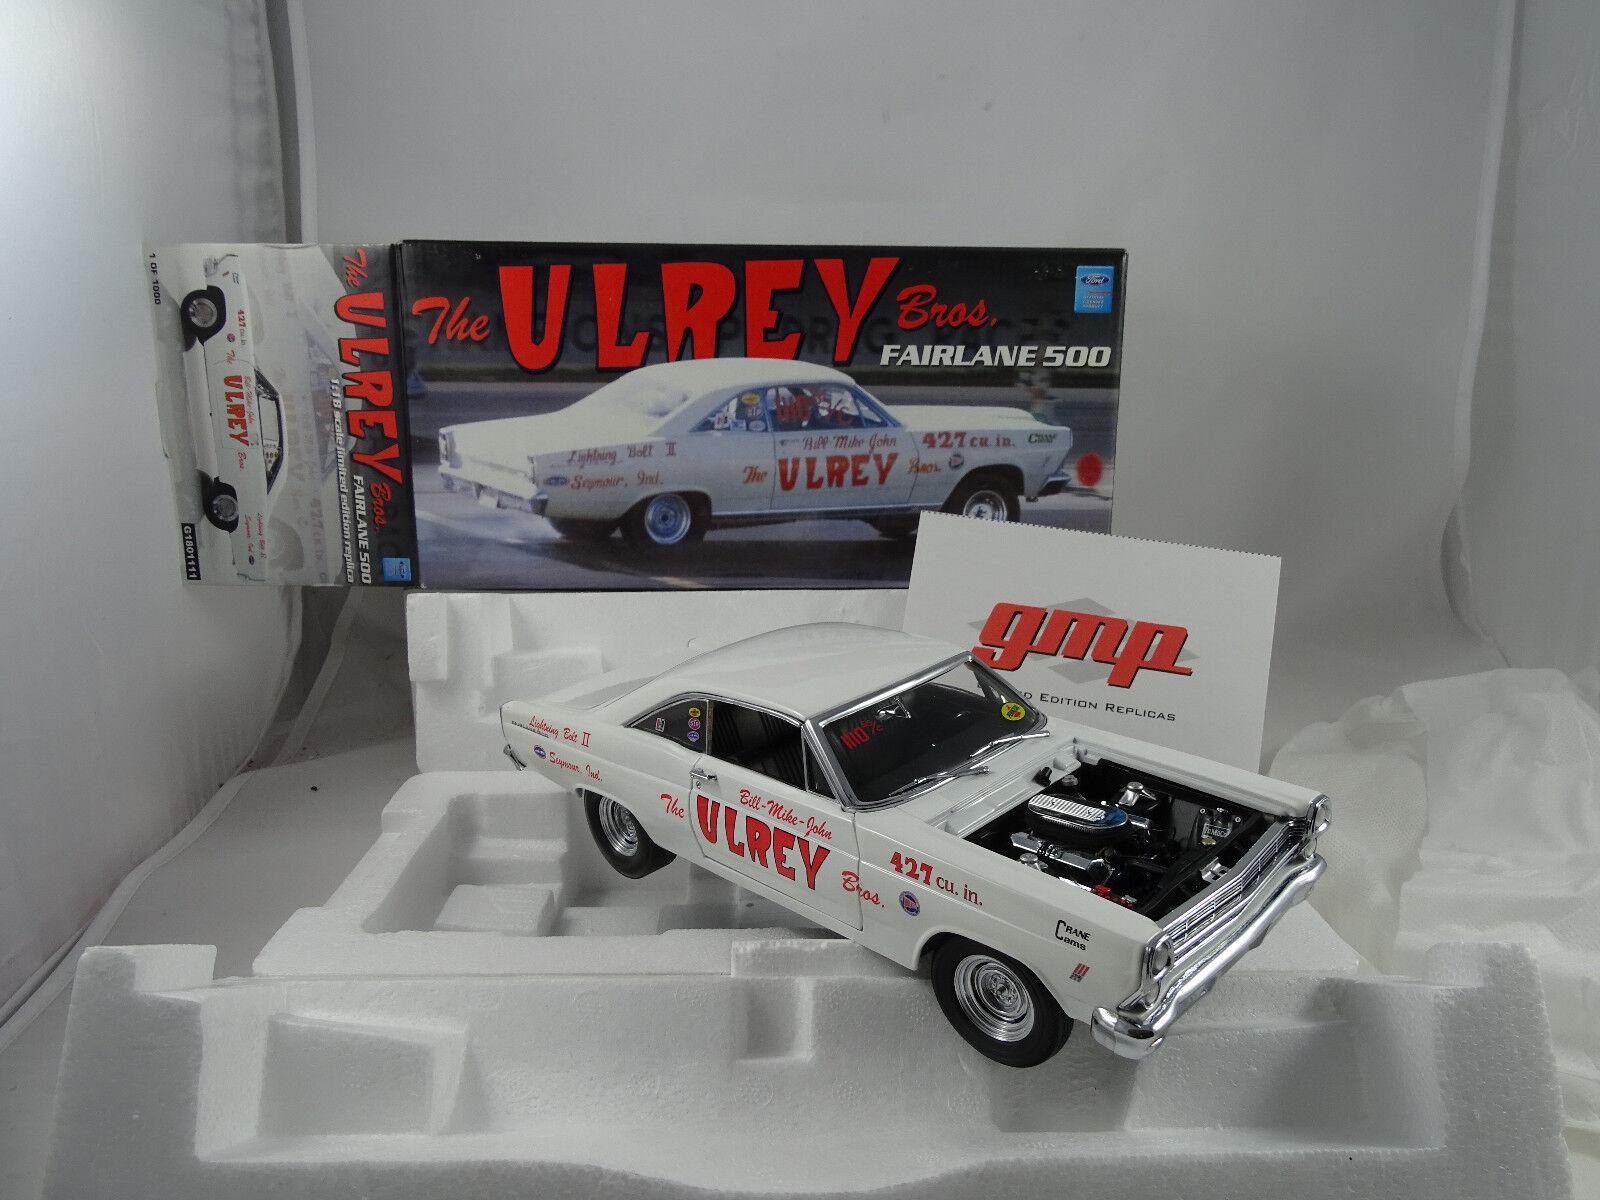 1 18 Gmp  G1801111 The Ulrey Bros. Fairlane 500 blancoo Limitado 1of 1000